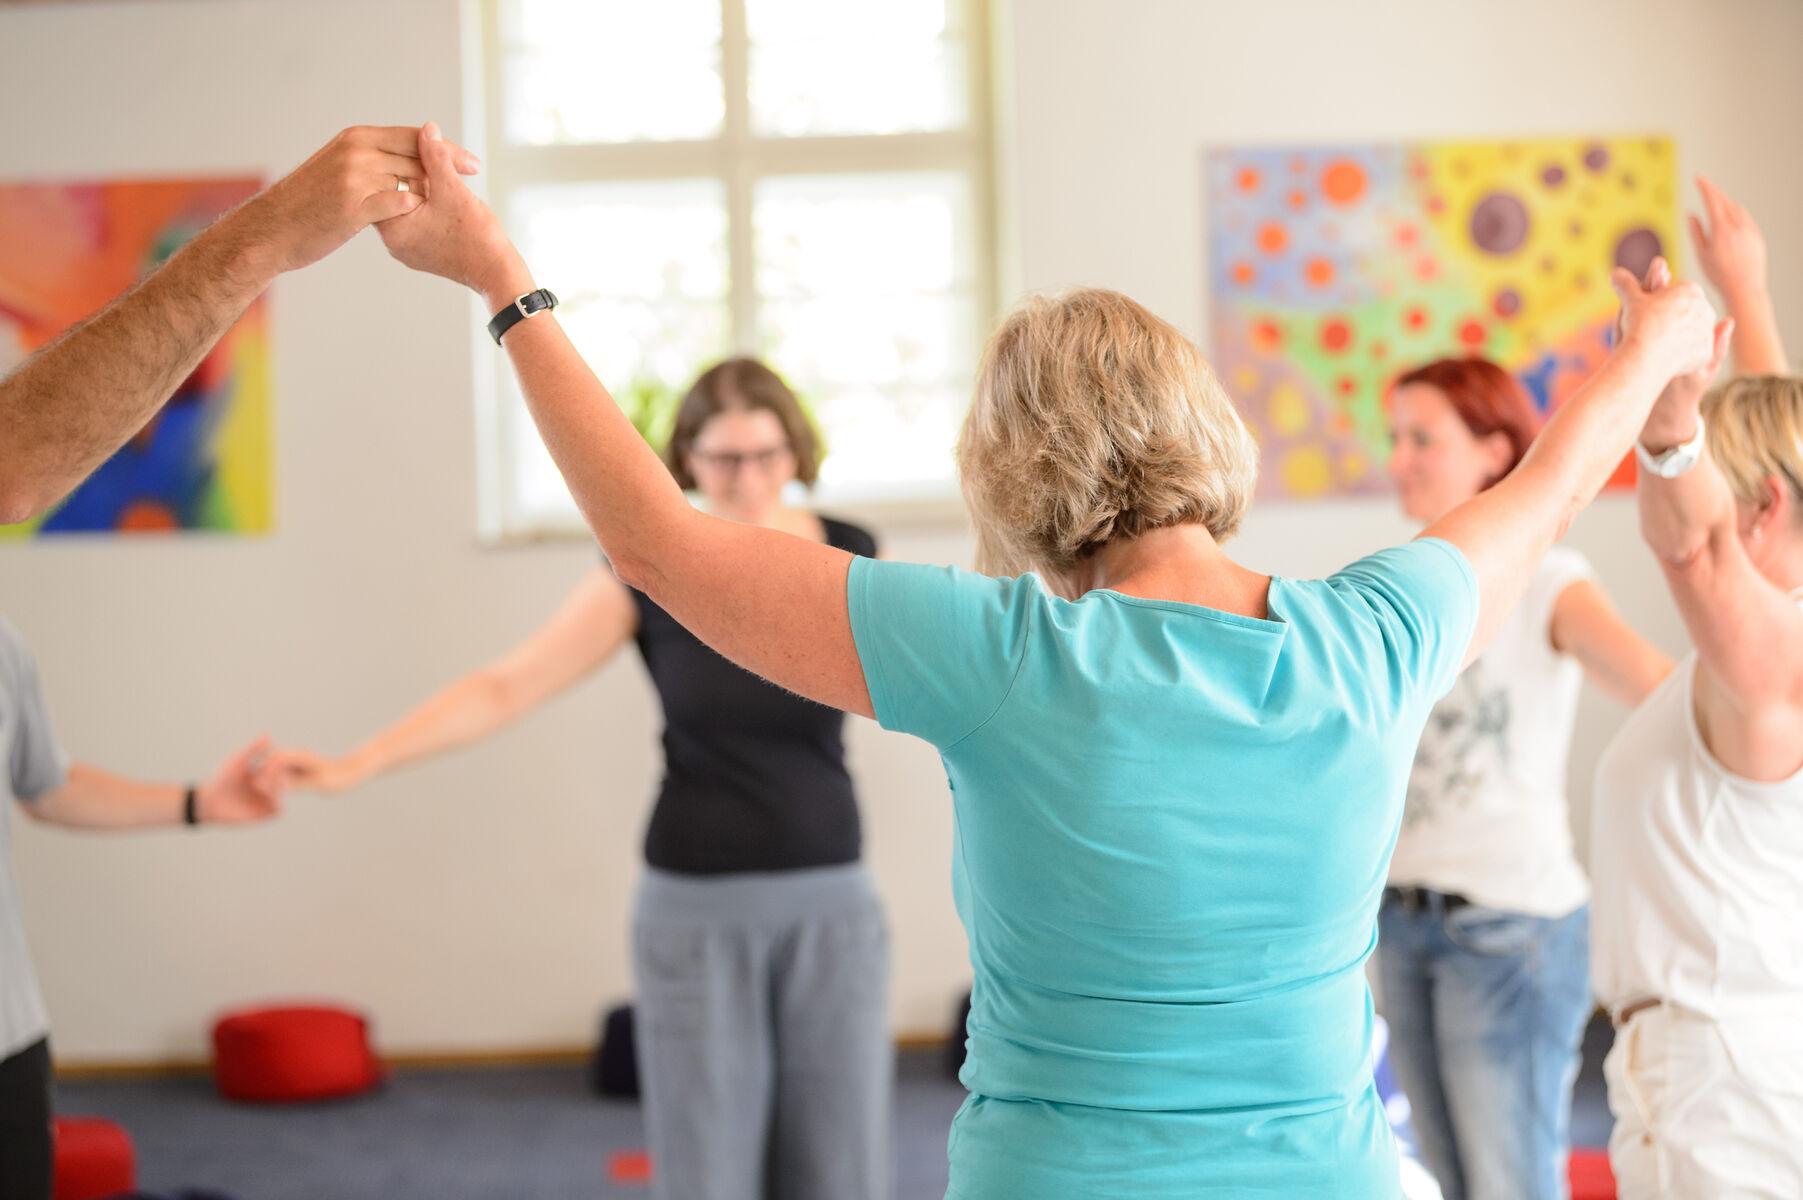 Tanztherapie Bewegungstherapie